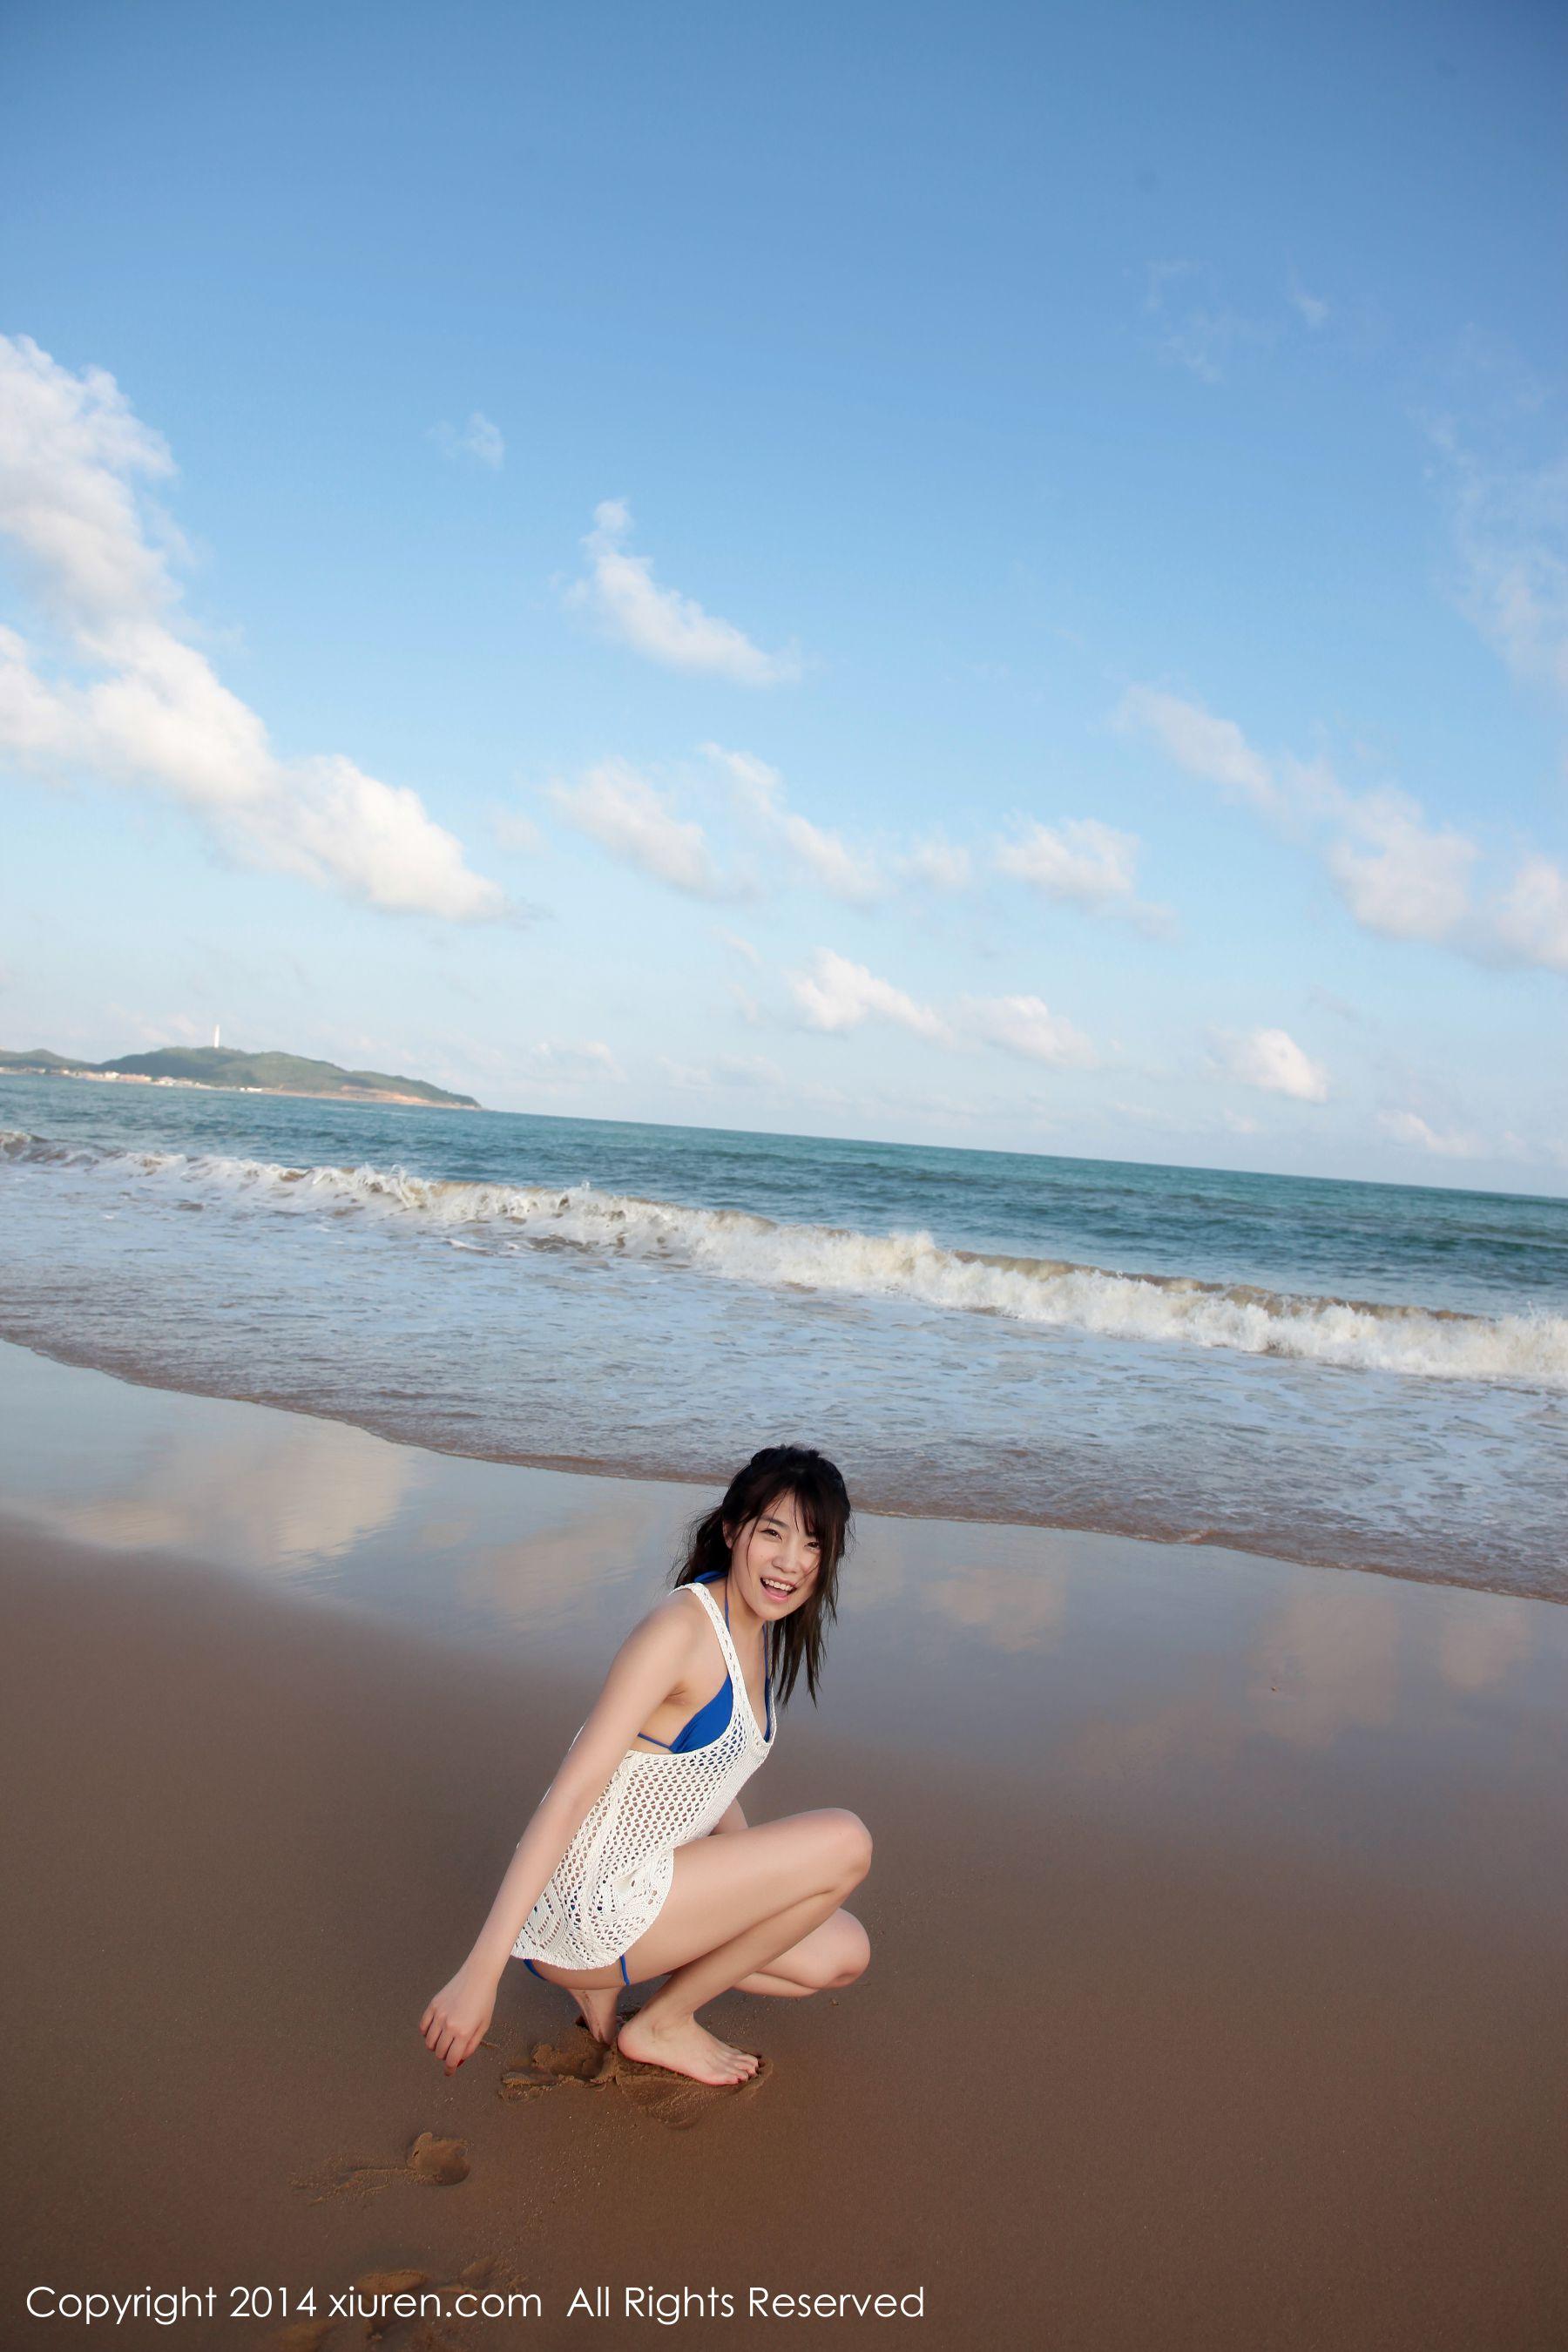 图片[11] - 许诺Sabrina《海边小清新系列》 [秀人网XiuRen] No.167 写真集[53P] - 唯独你没懂